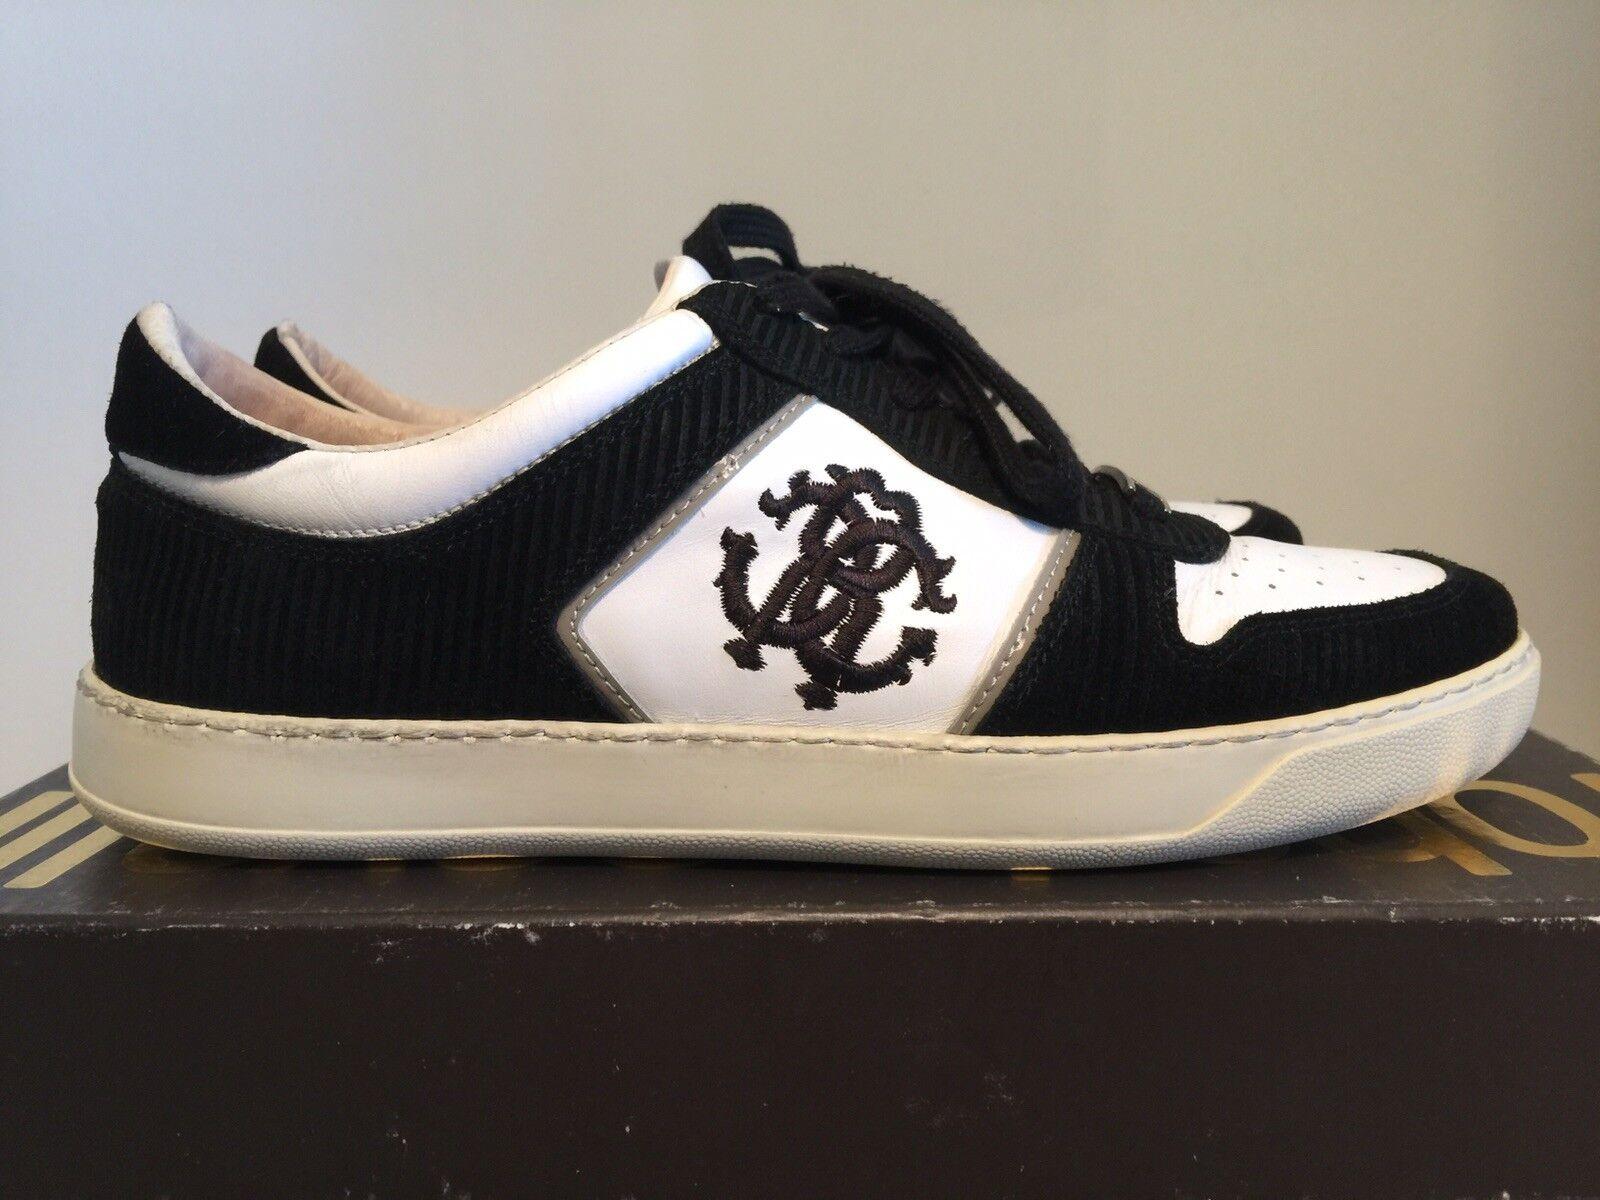 389 100% Authentic Roberto Cavalli Mens Leather zapatilla de deporte Talla EU42 US9